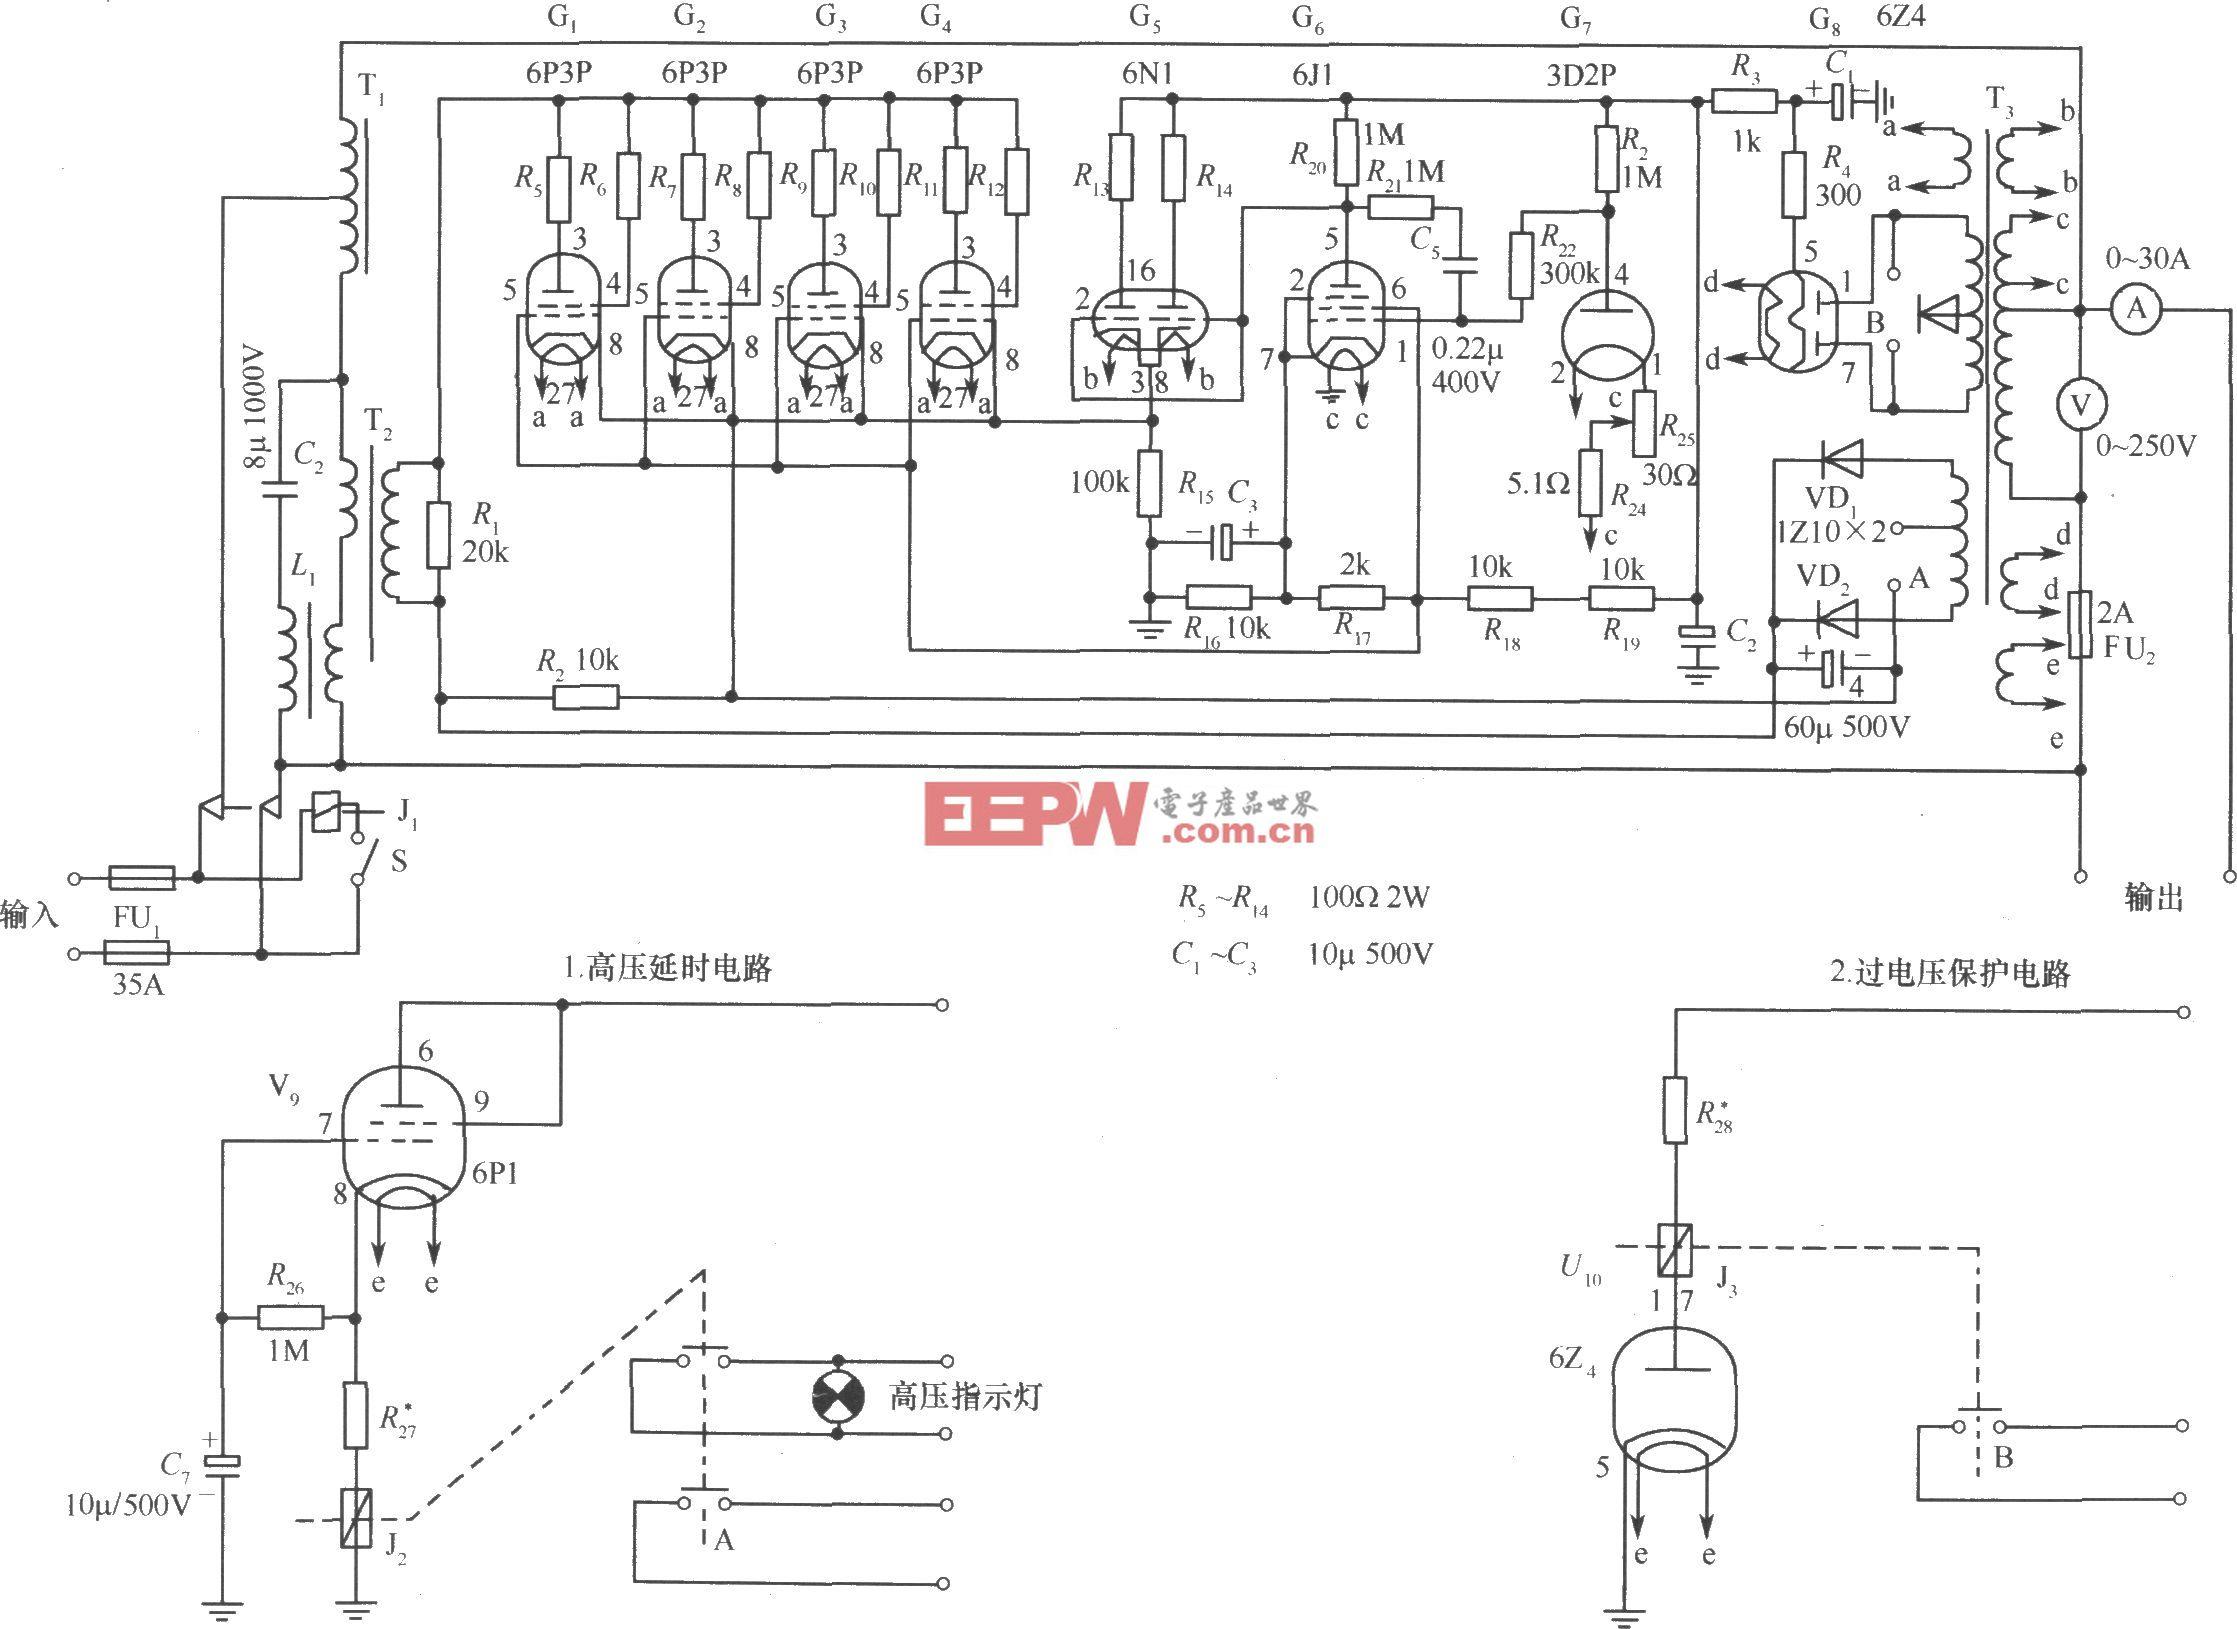 614-B2(3kVA)交流稳压器电路